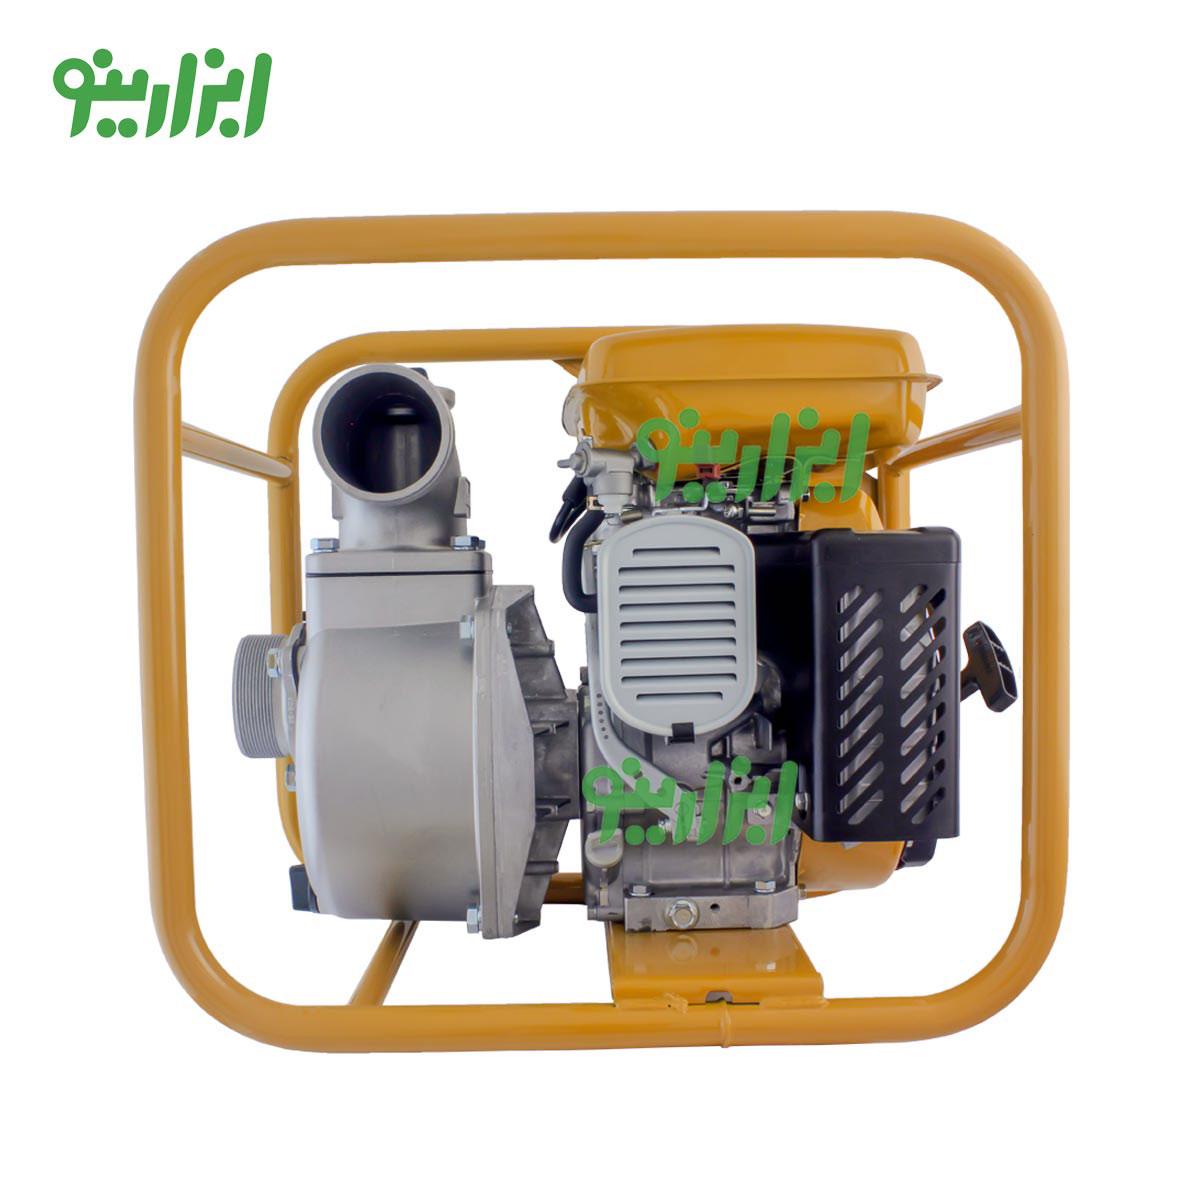 موتور پمپ آب برند روبین ey20